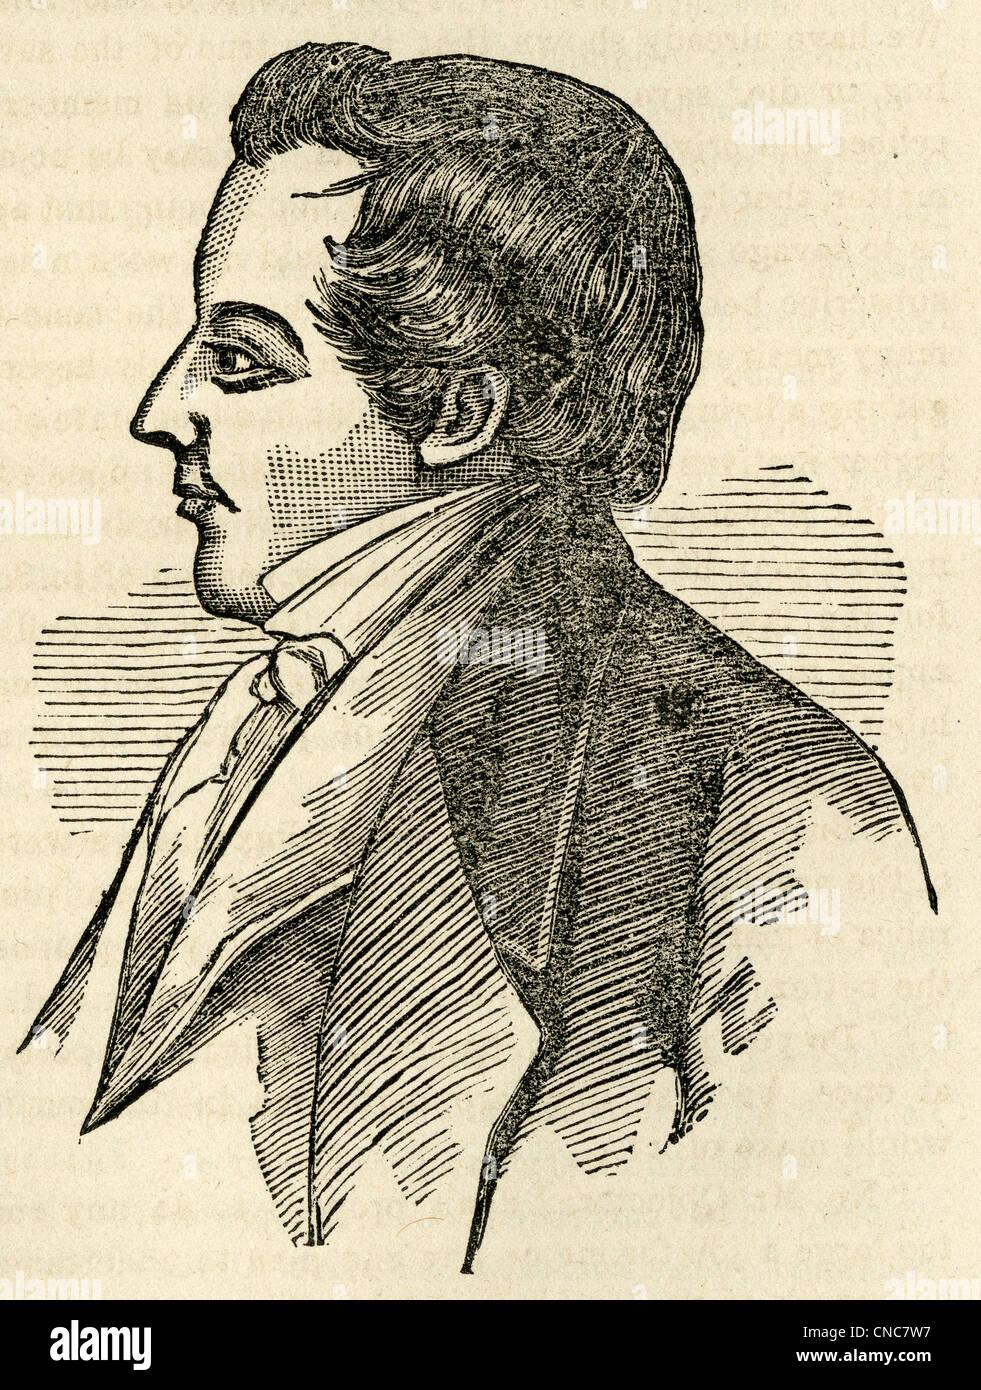 Semplice 1871 xilografia incisione di Joseph Smith jun. Immagini Stock